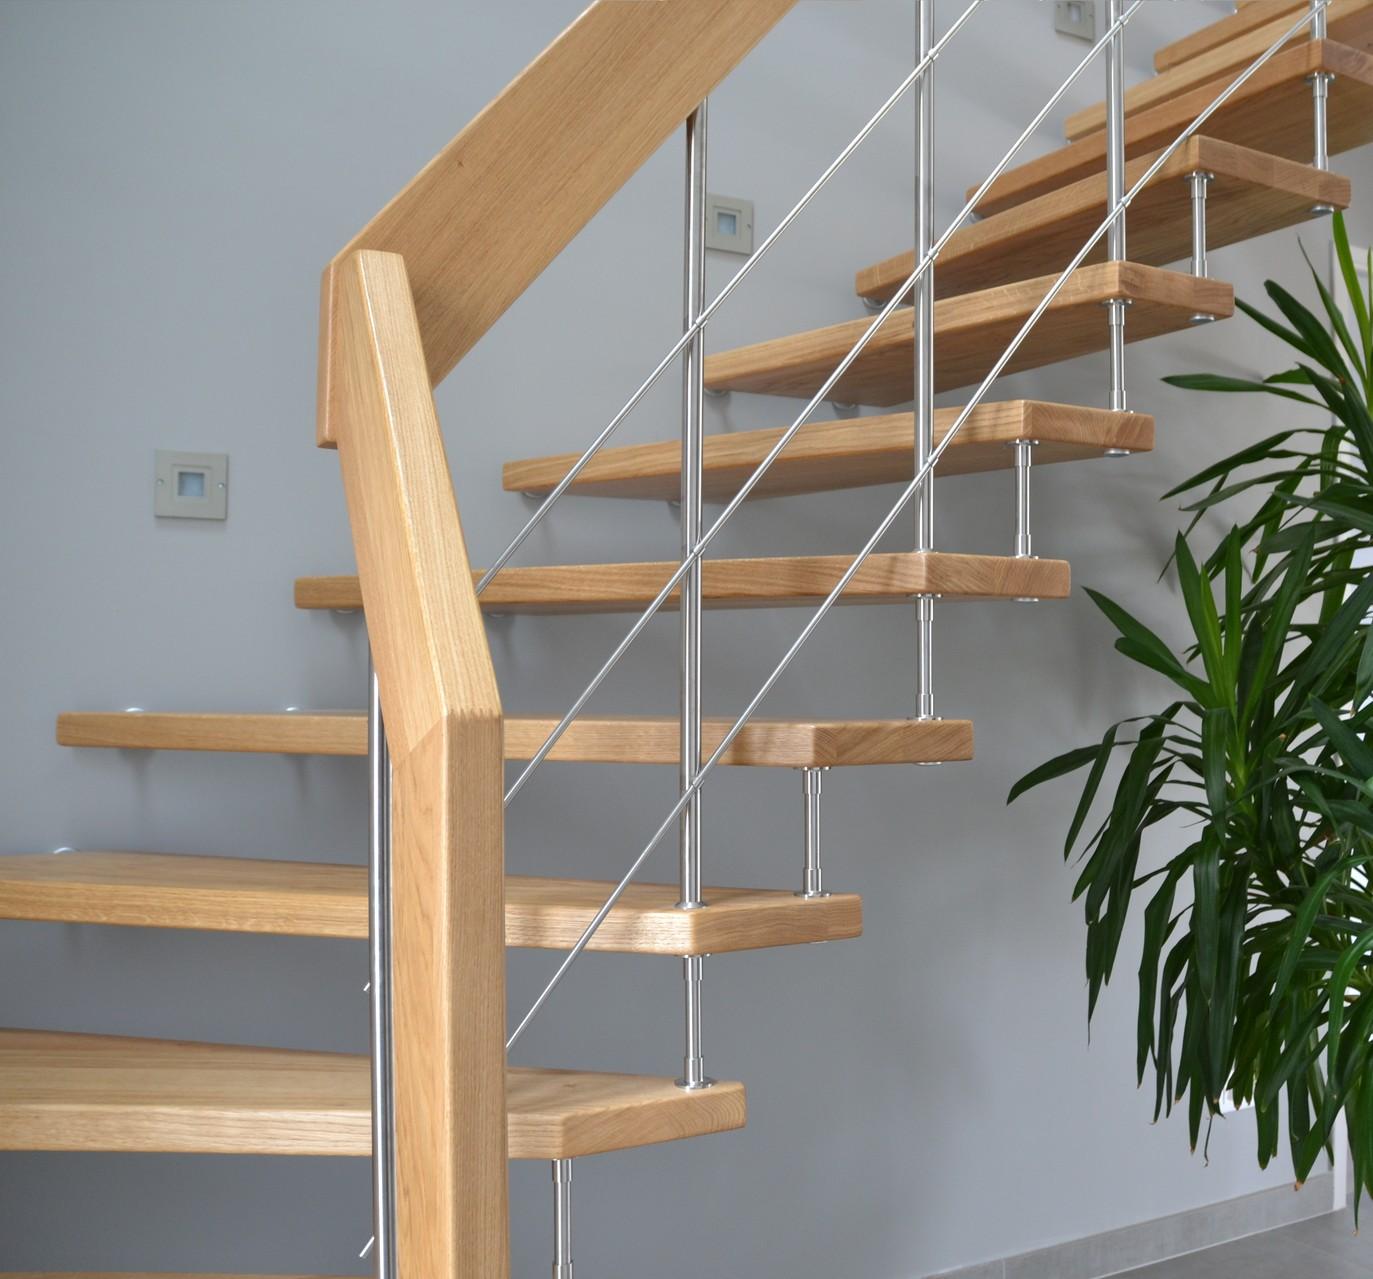 escalier suspendu treppenmeister escalier dans la manche 50 menuiserie resbeut normandie. Black Bedroom Furniture Sets. Home Design Ideas